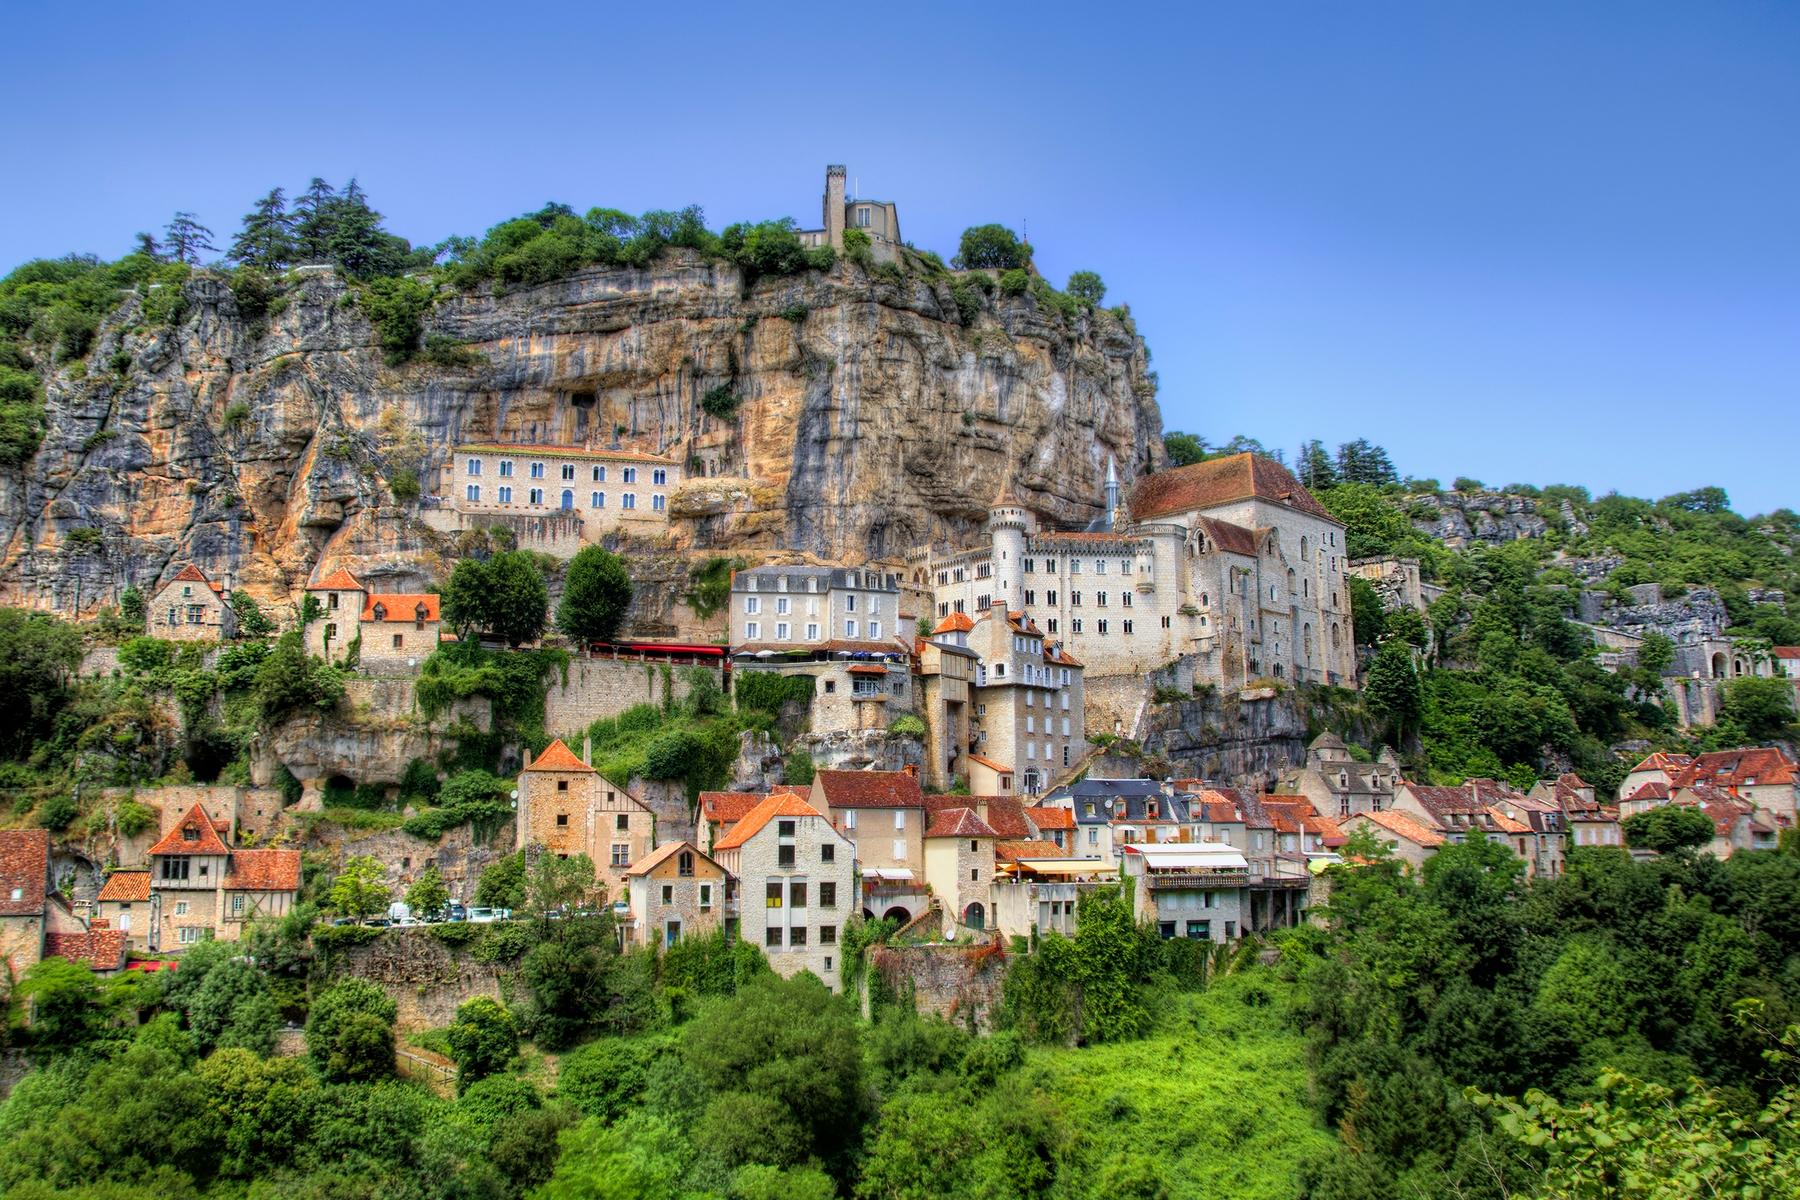 Le village médiéval de Rocamadour